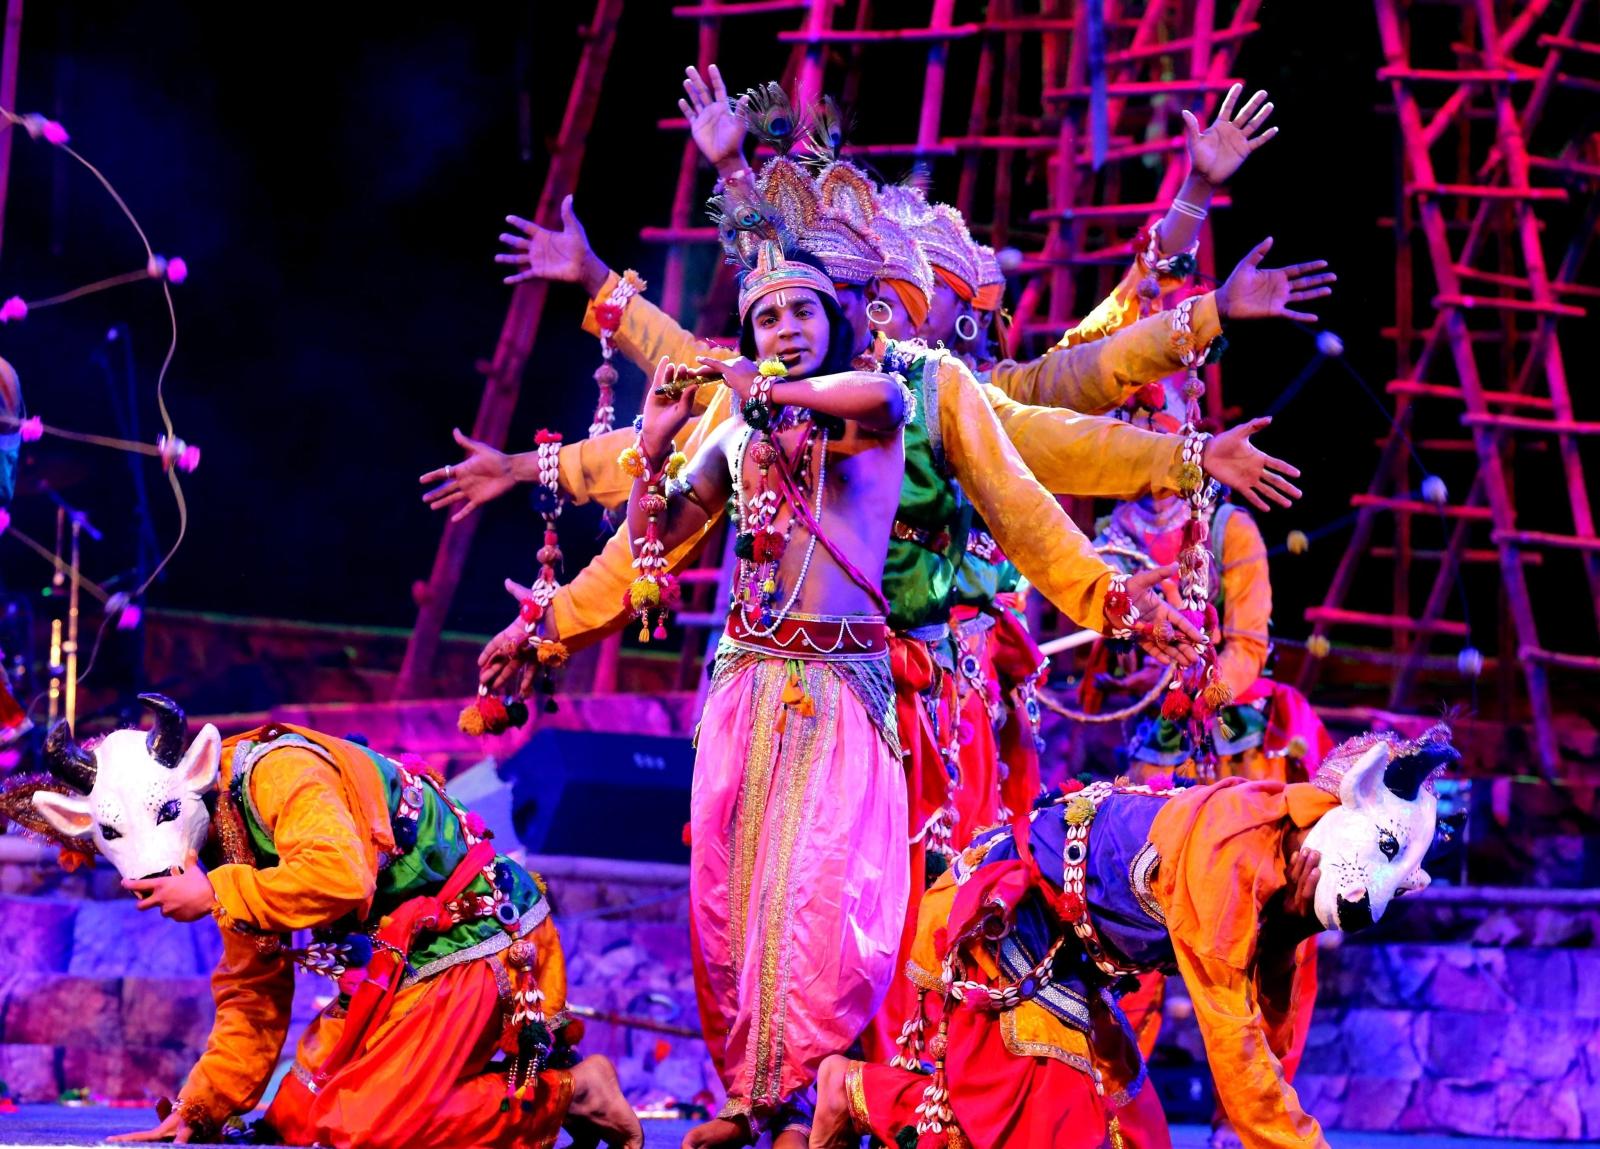 Indyjscy tancerze w czasie Targów Lokrang.